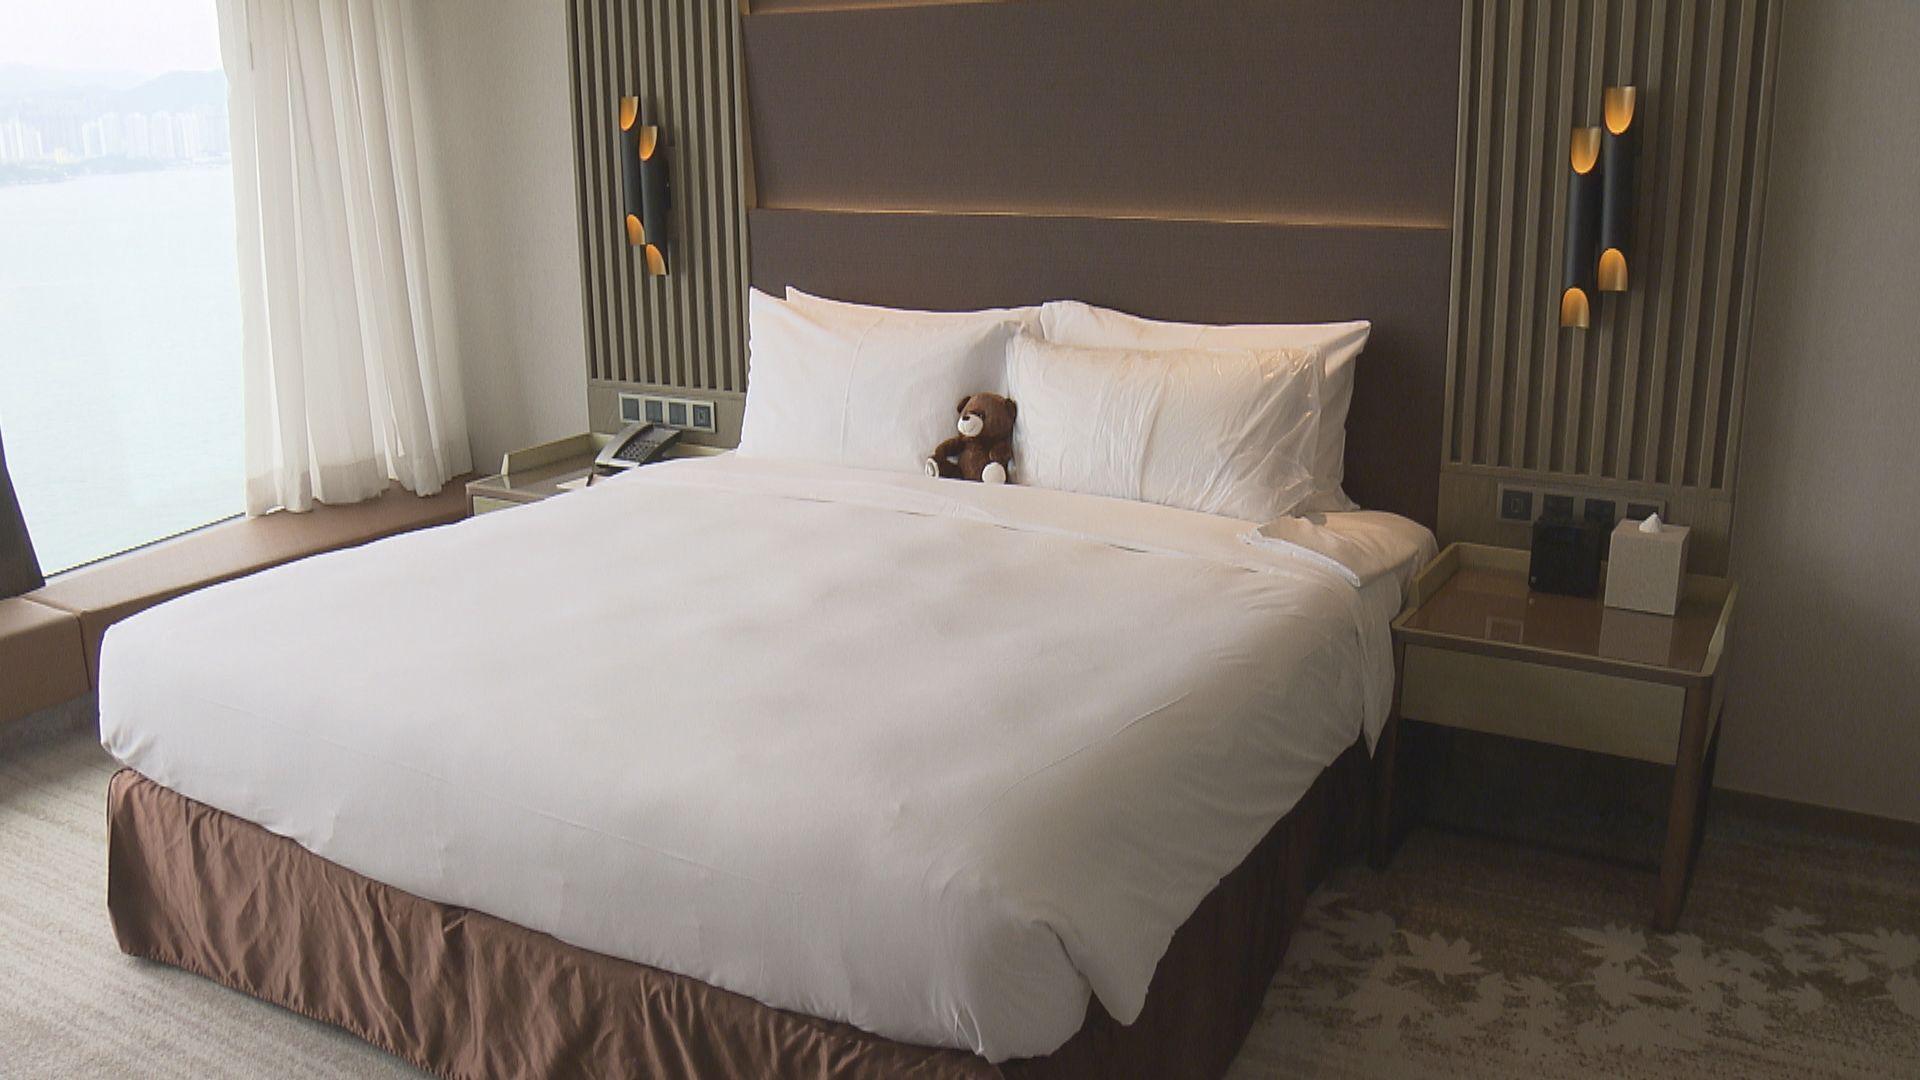 消委會:多間酒店未計劃若有確診者入住的應變措施